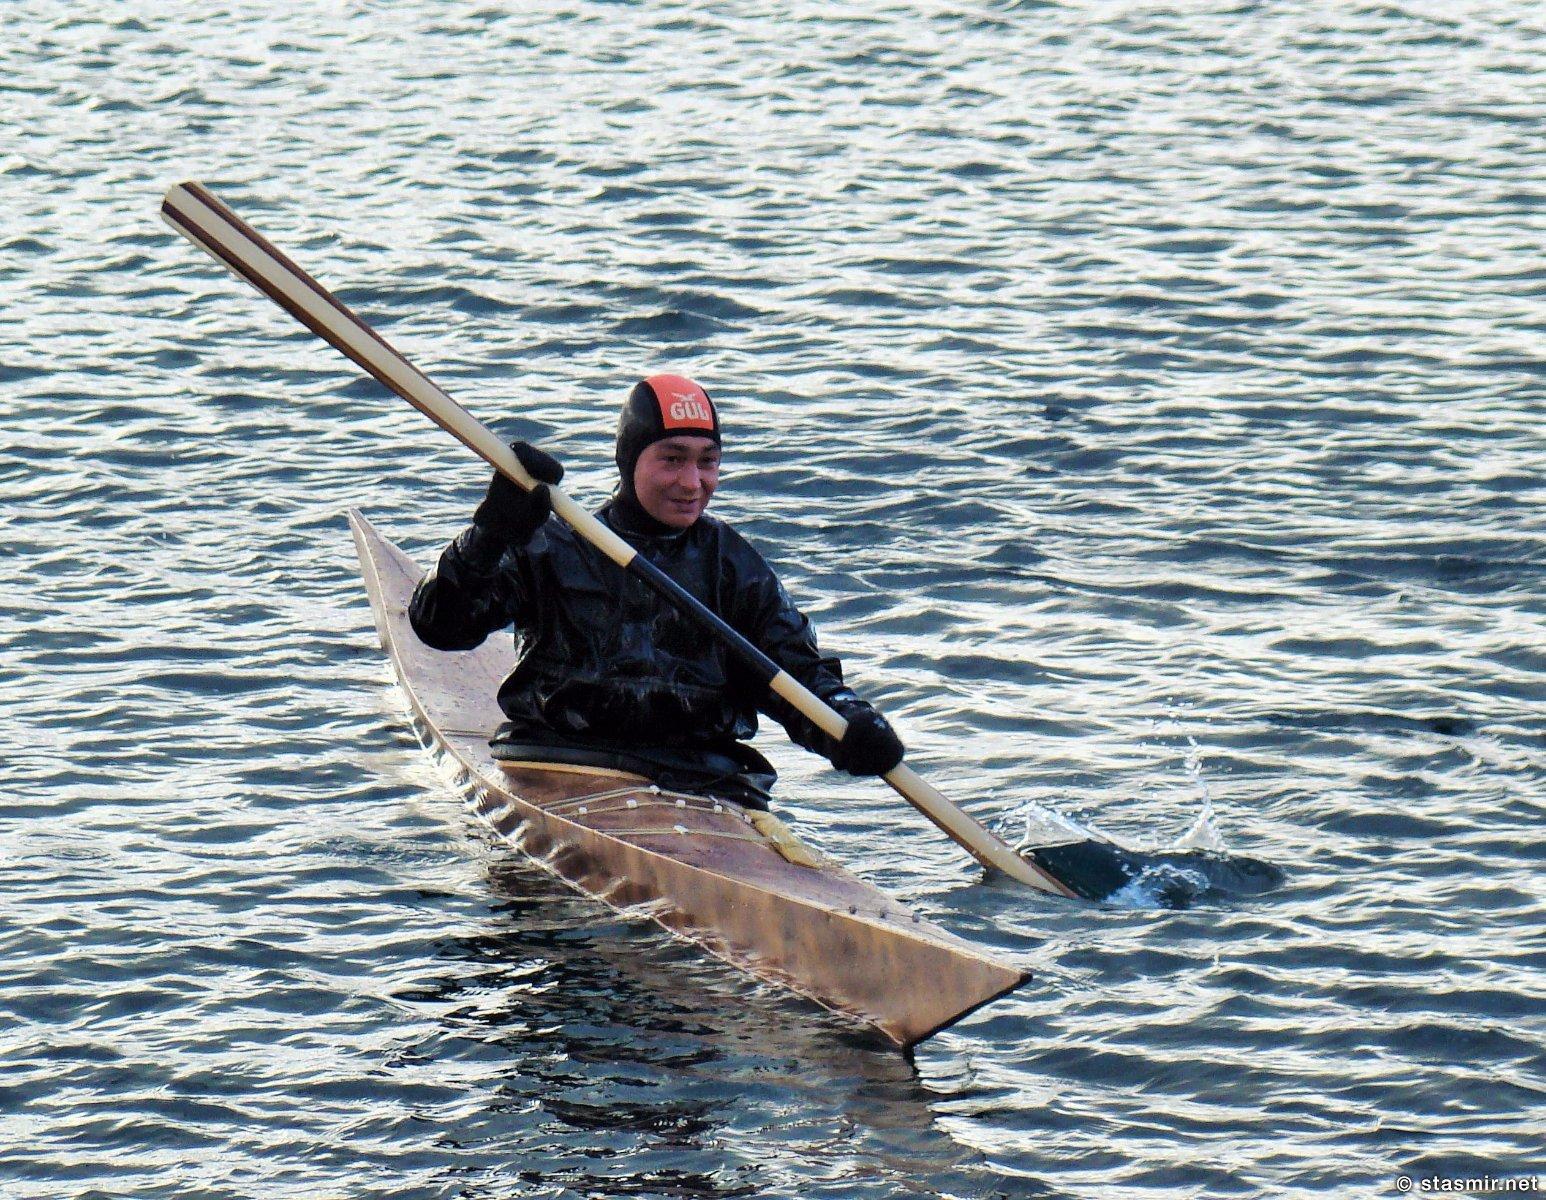 Акюрейри, Eyjafjörður, Эйя-фьорд, Северная Исландия, Акюрейри, охотник-инуит, каяк, Photo Stasmir